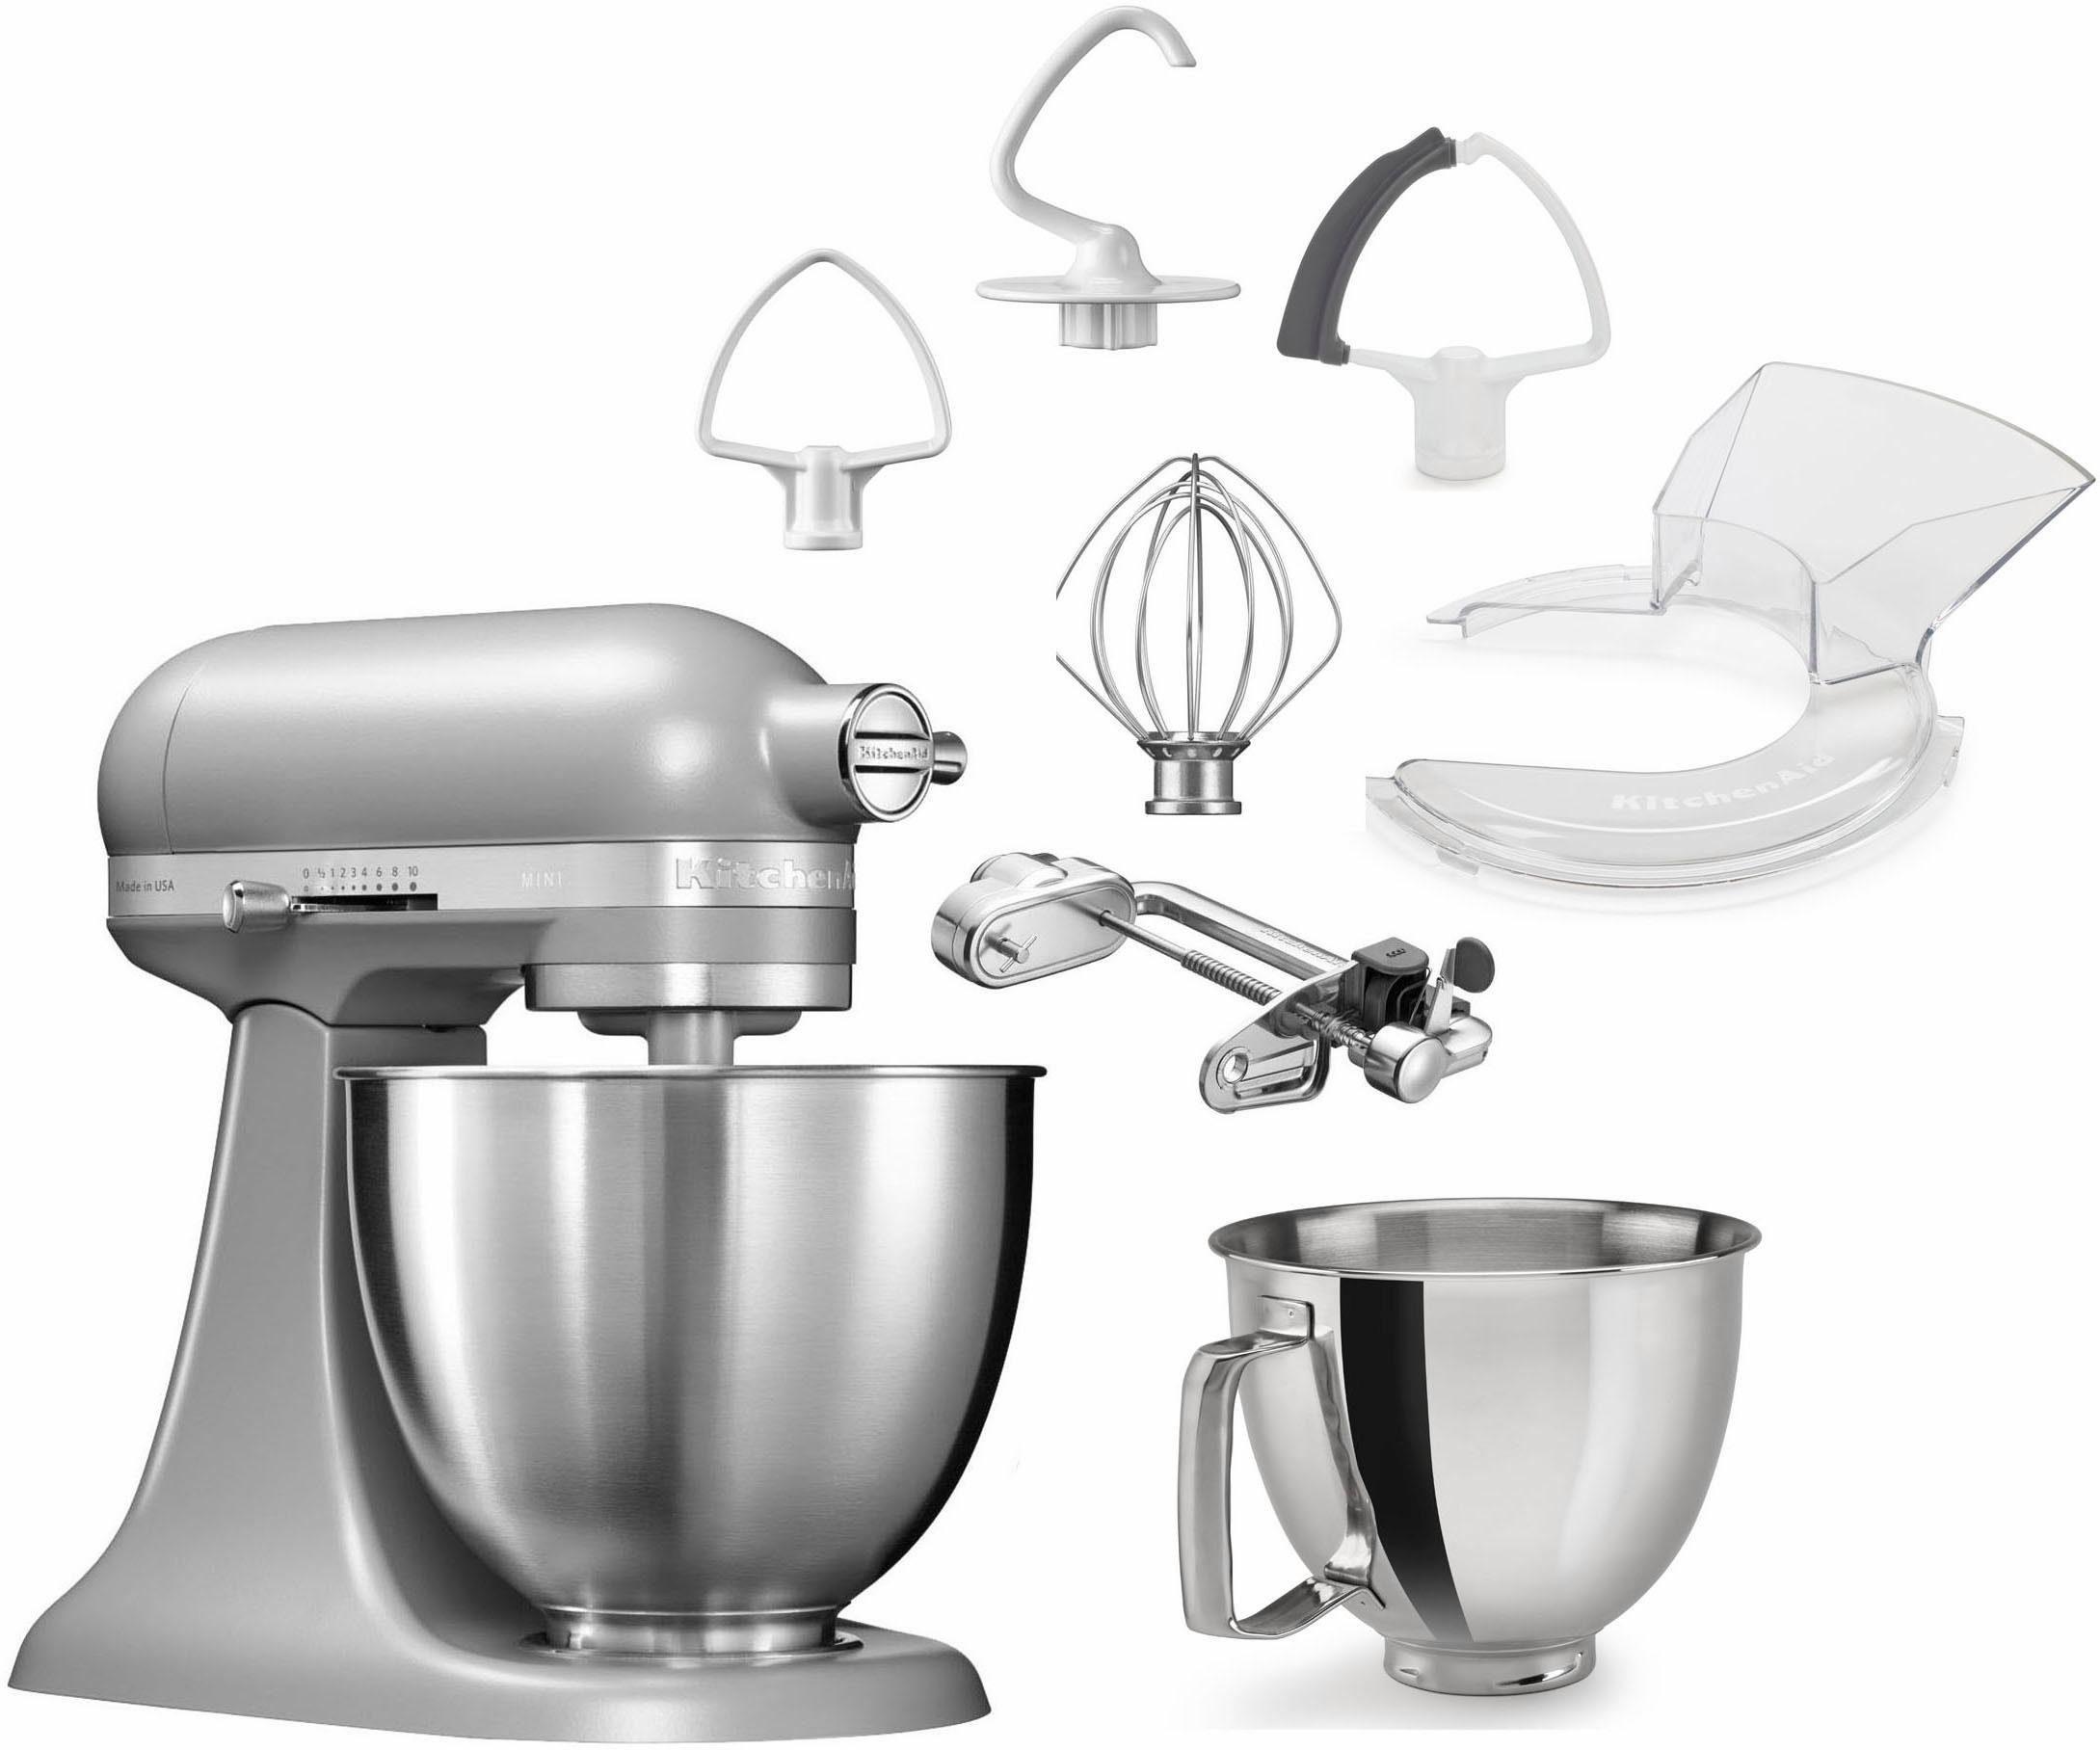 KitchenAid® Küchenmaschine Mini 5KSM3311XEFG, mit Sonderzubehör im Wert von 279,-€ UVP